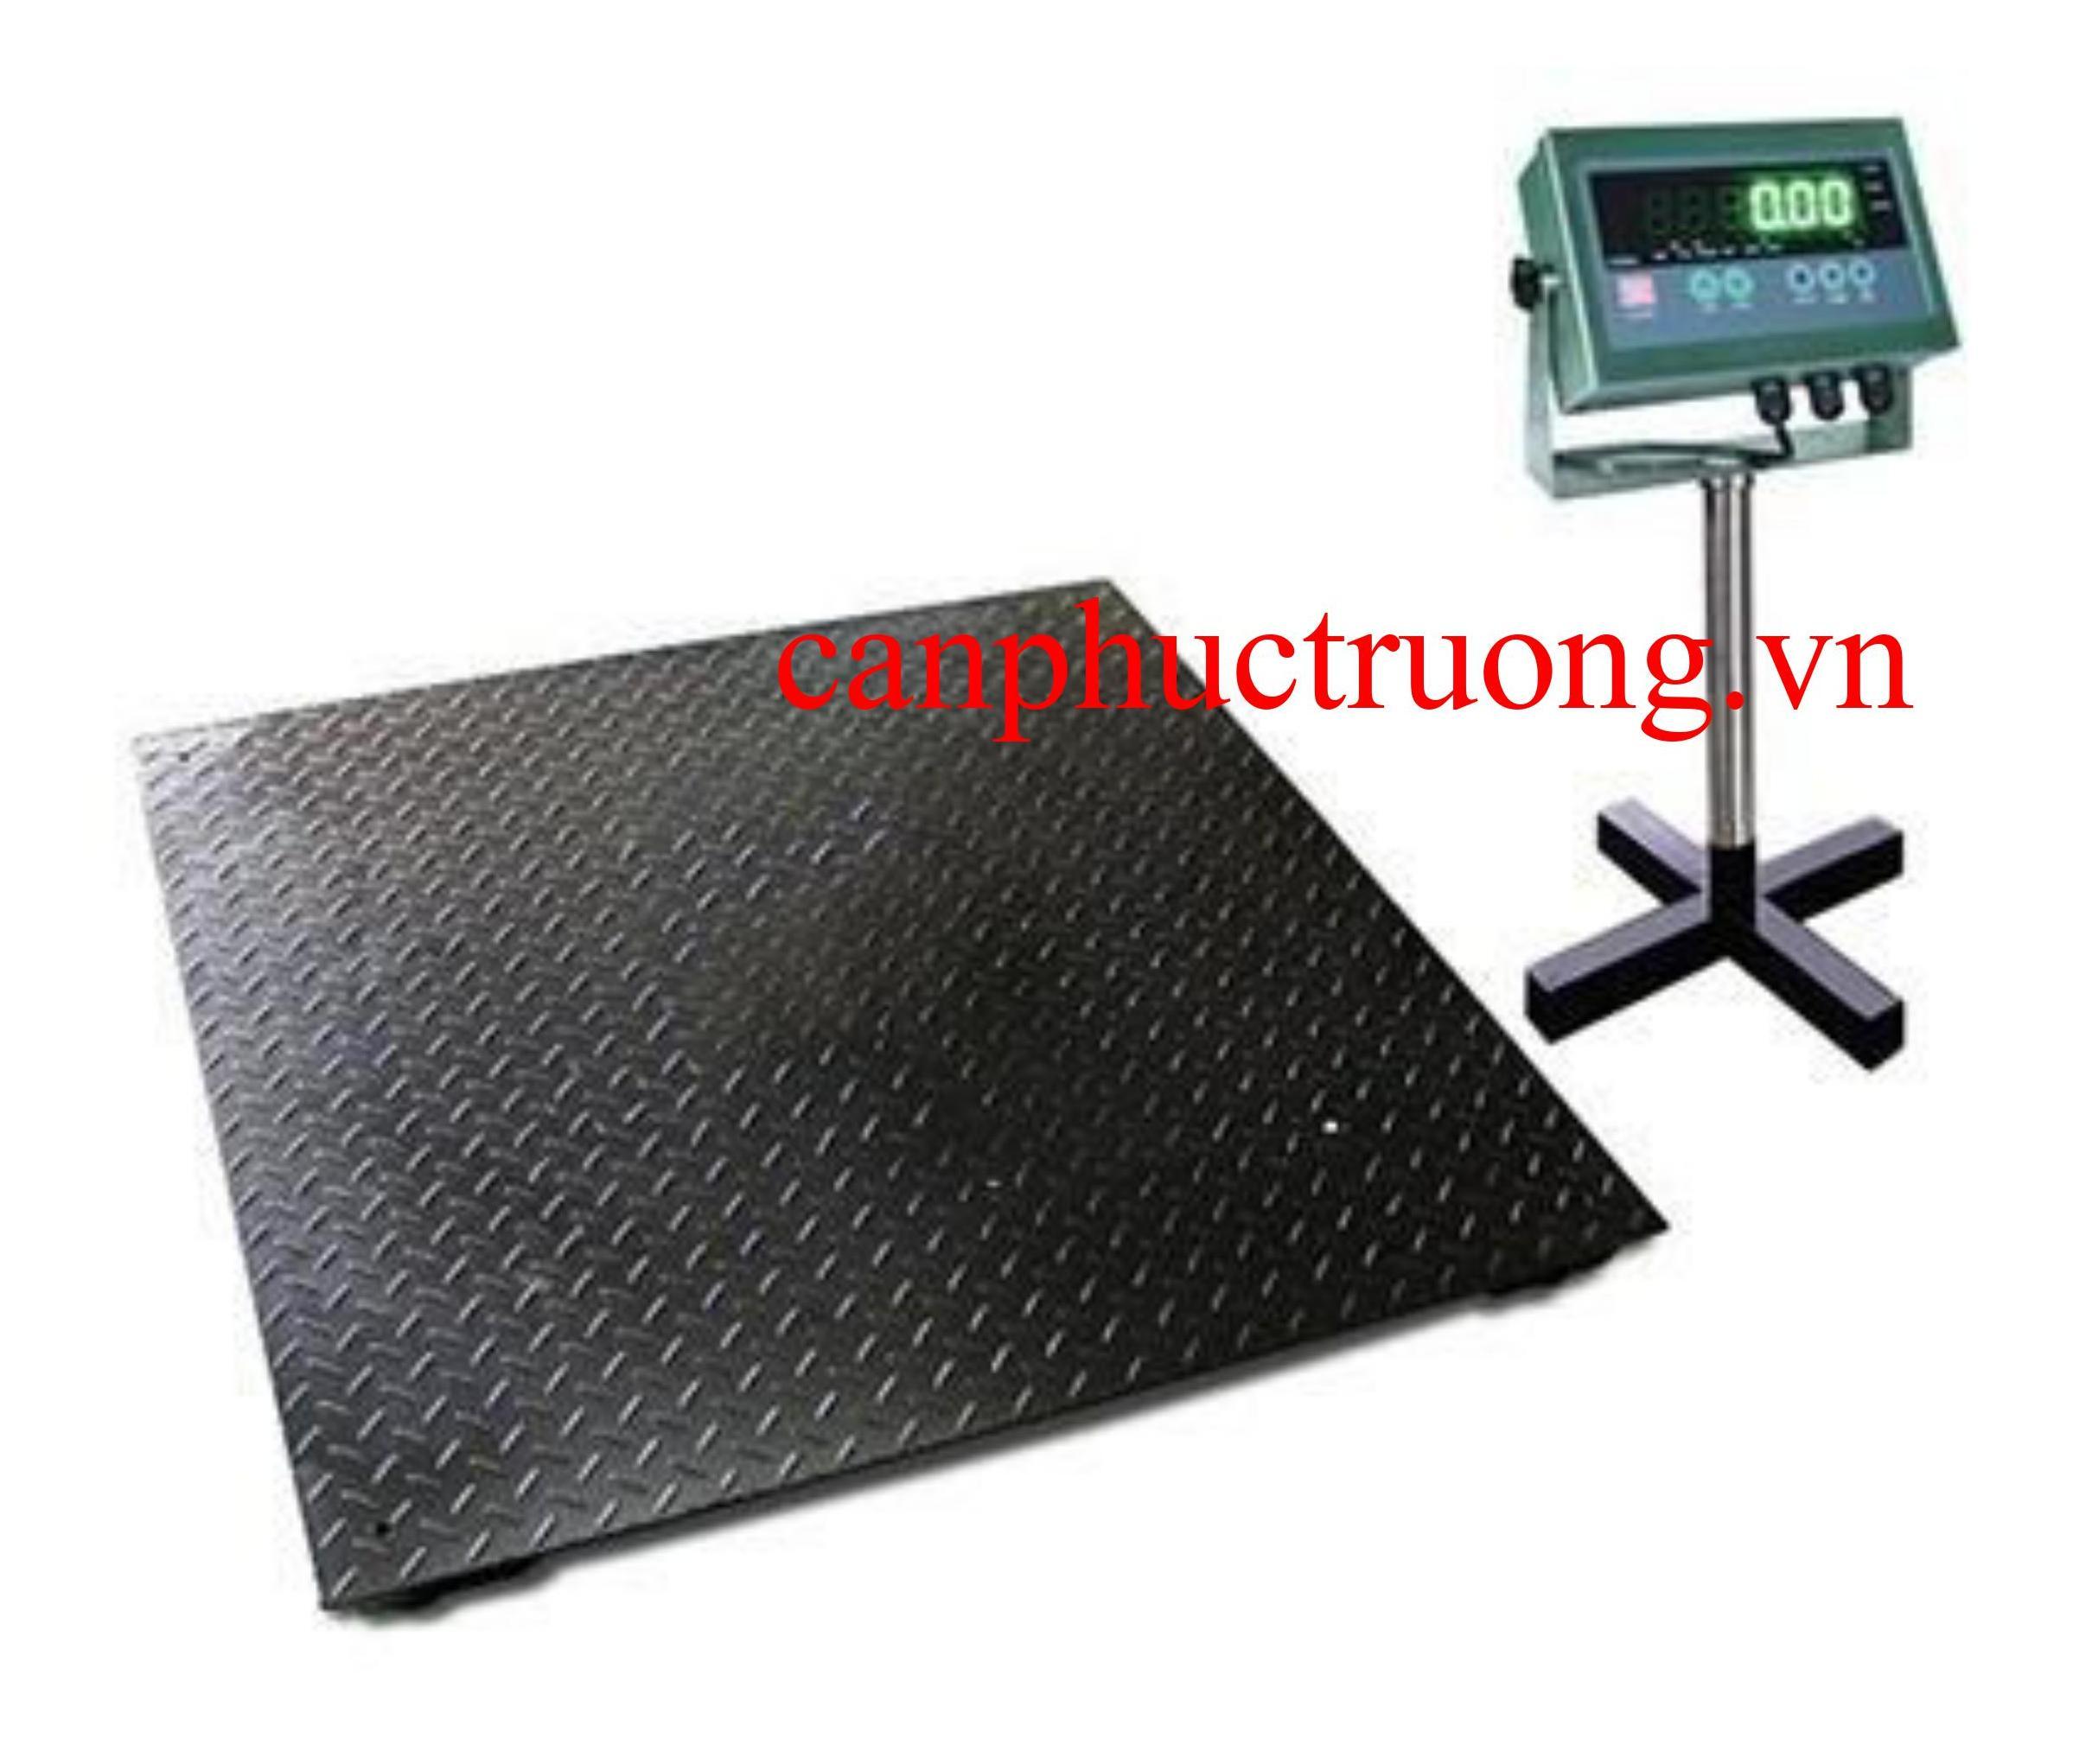 Cân sàn 5 tấn (15x15-DIGI28SS)